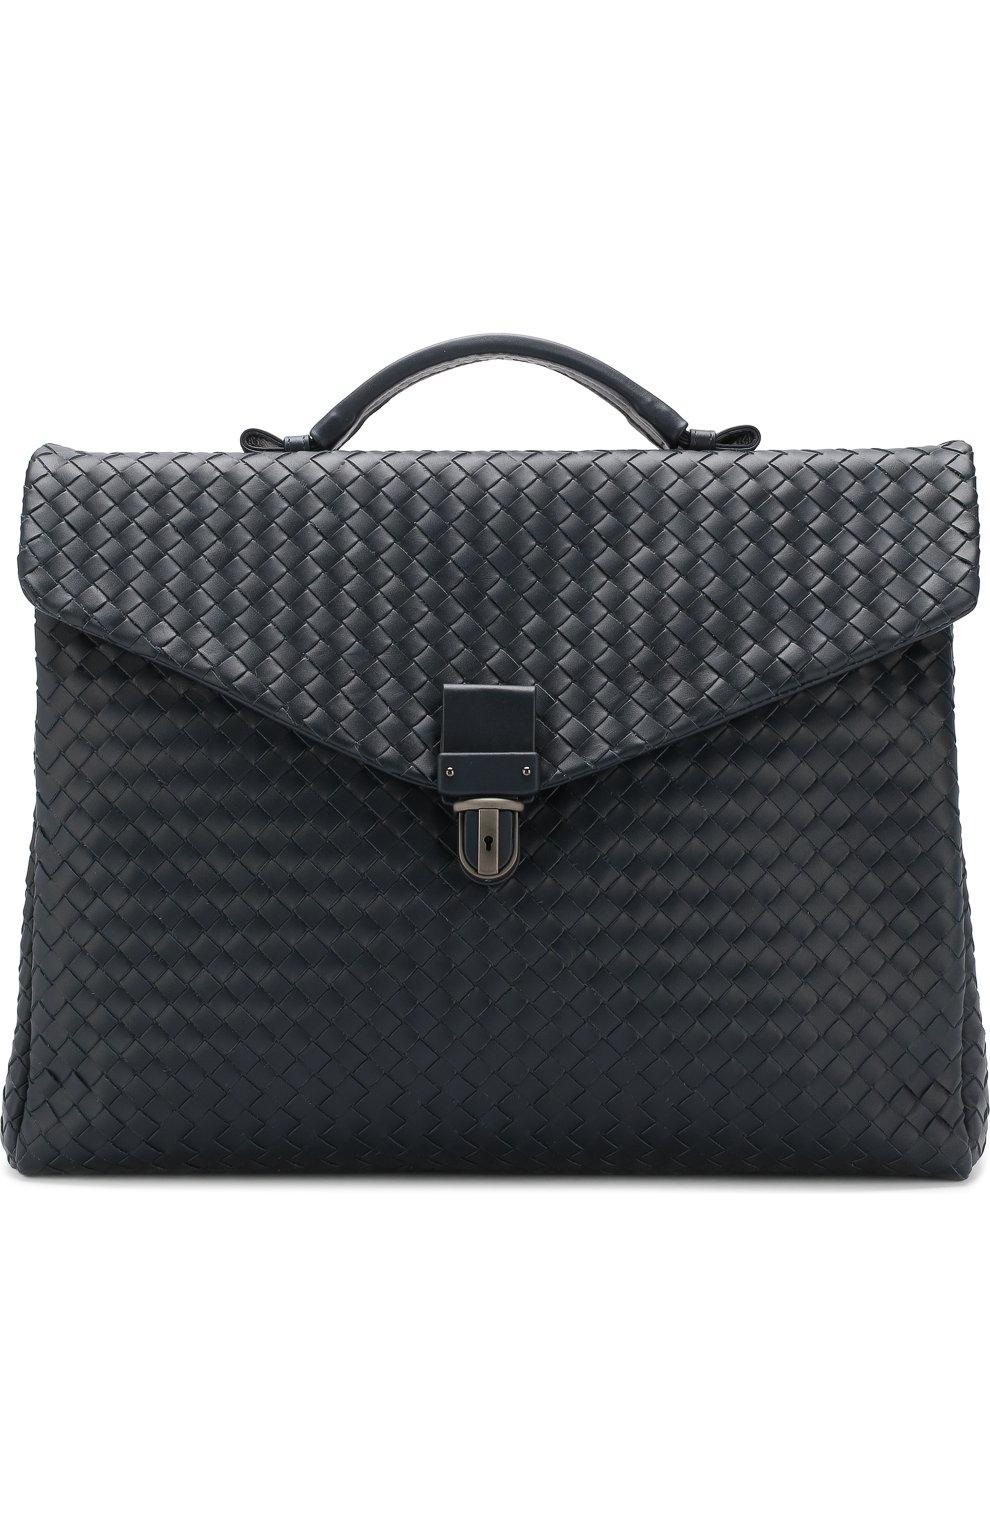 Мужской кожаный портфель с плетением intrecciato BOTTEGA VENETA темно-синего цвета, арт. 122139/V4651 | Фото 1